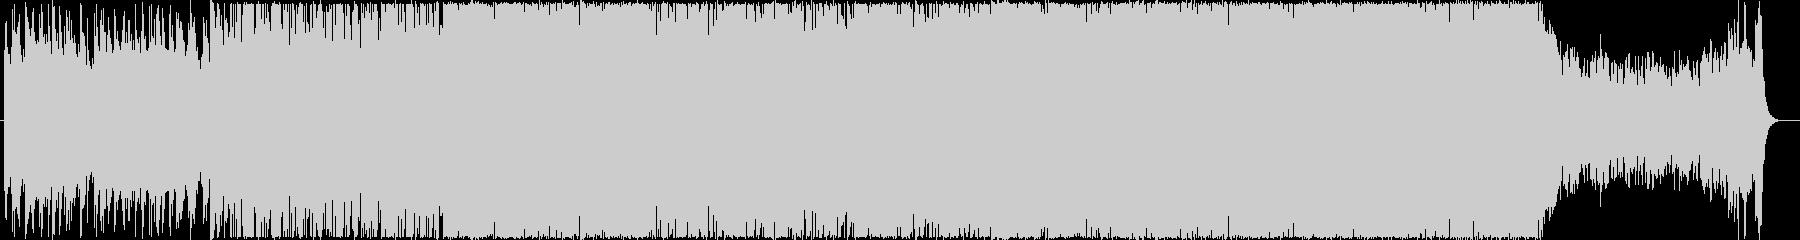 有名な伝統音楽のフォークメタルアレンジの未再生の波形